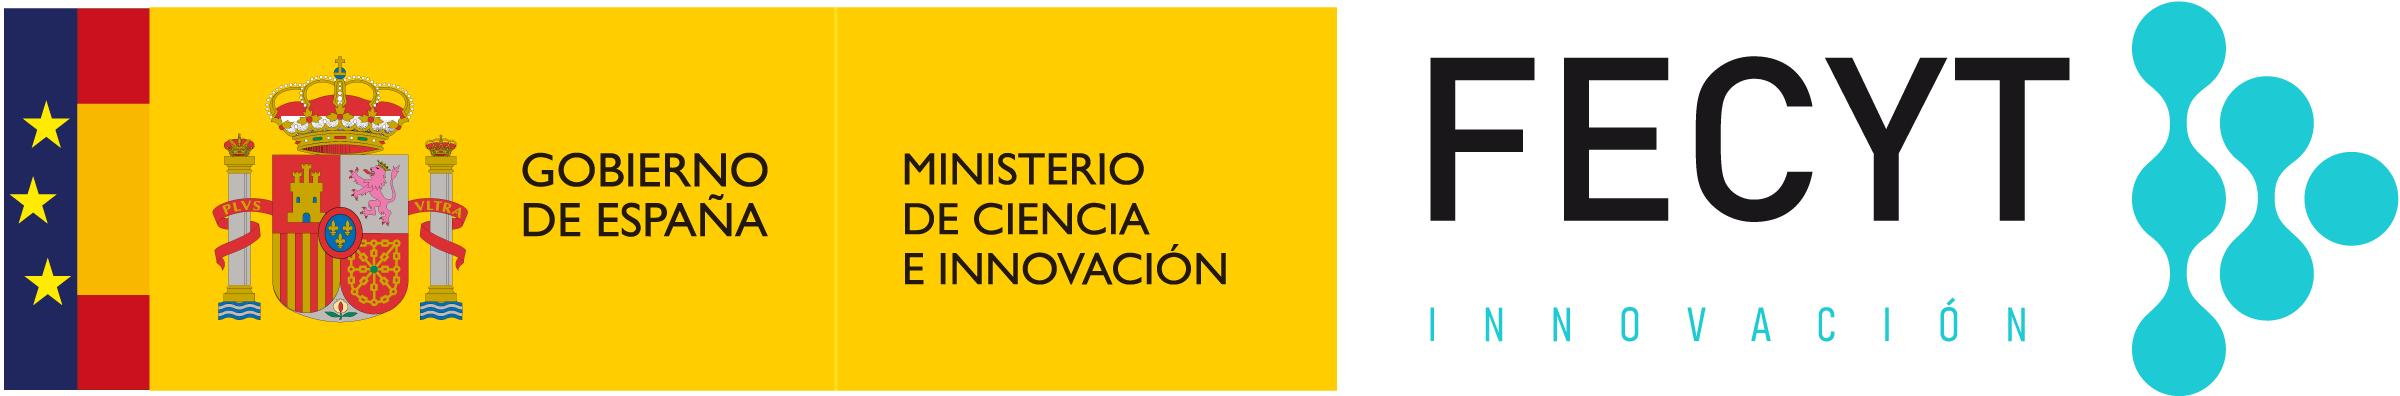 Logotipo de la Fundación Española para la Ciencia y la Tecnología (FECYT)